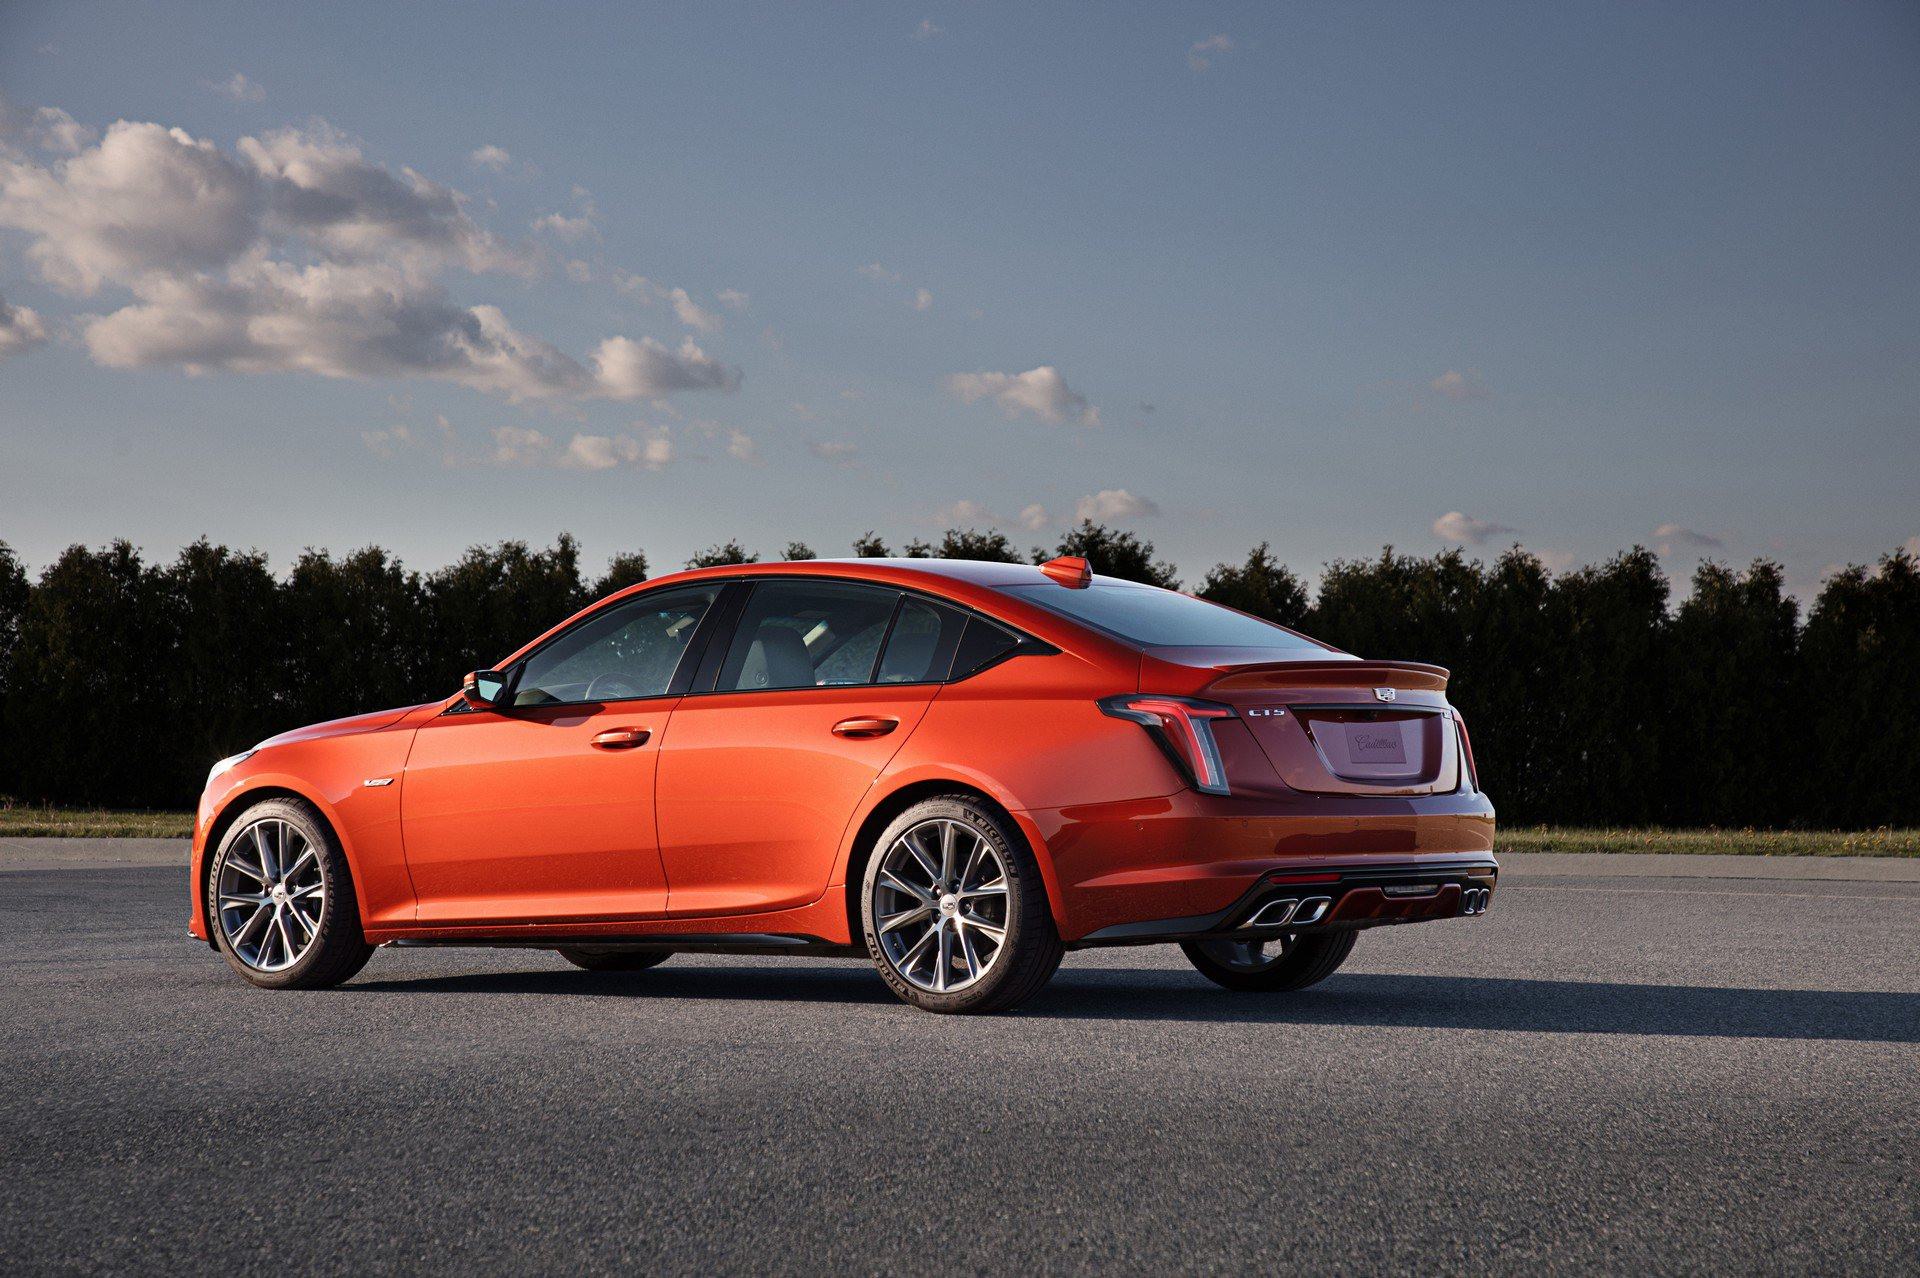 Cadillac представил конкурентов заряженным Audi S4 и Mercedes-AMG